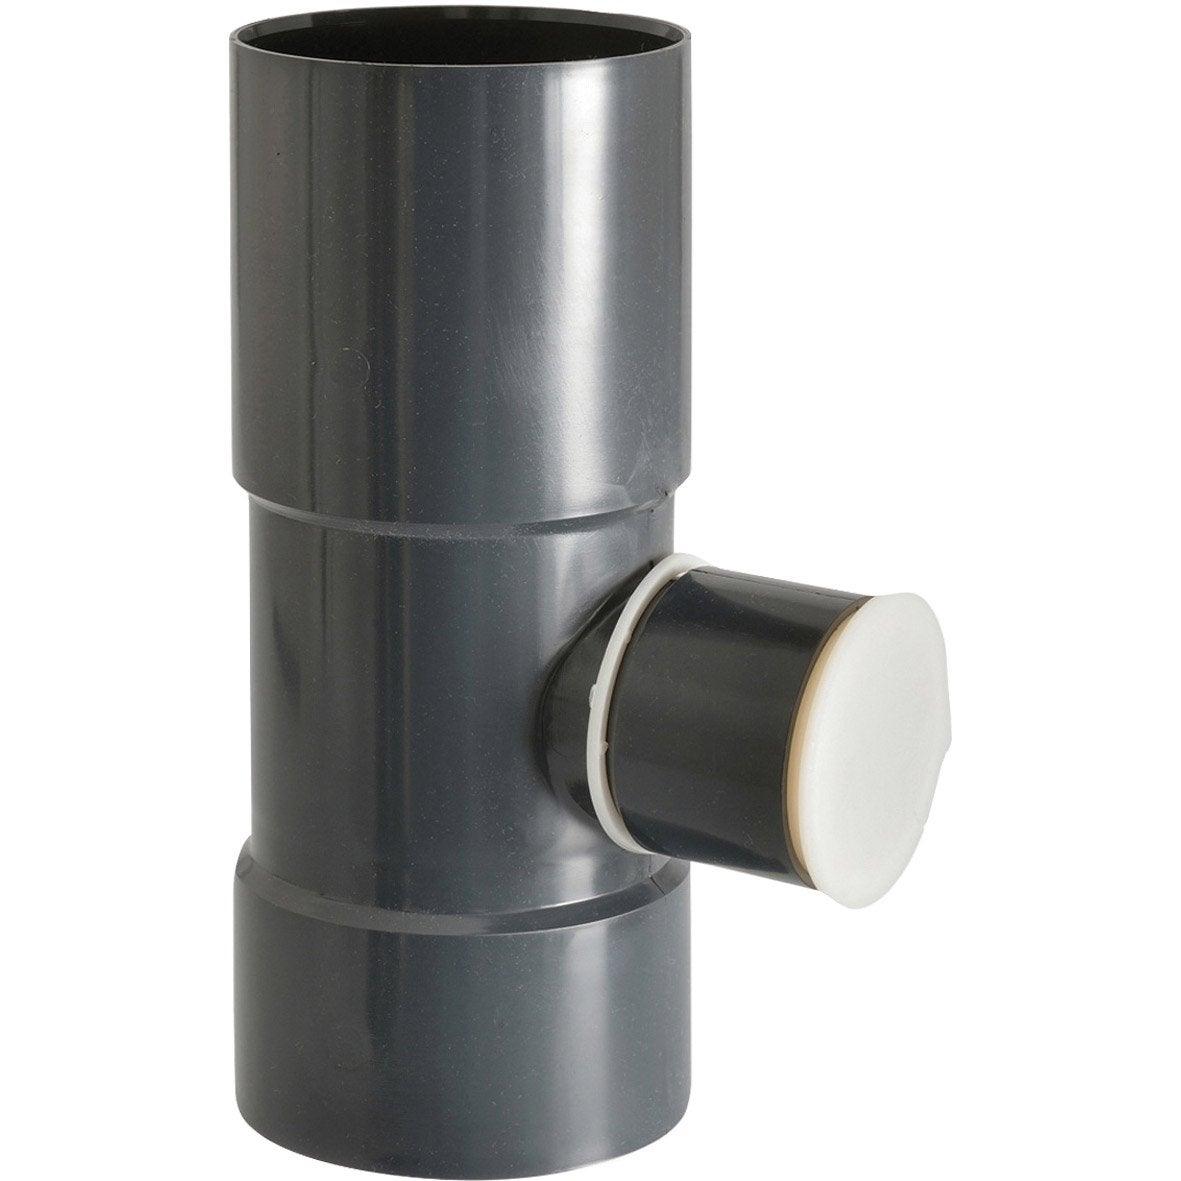 collecteur d 39 eau pour goutti re ronde pvc ardoise girpi. Black Bedroom Furniture Sets. Home Design Ideas